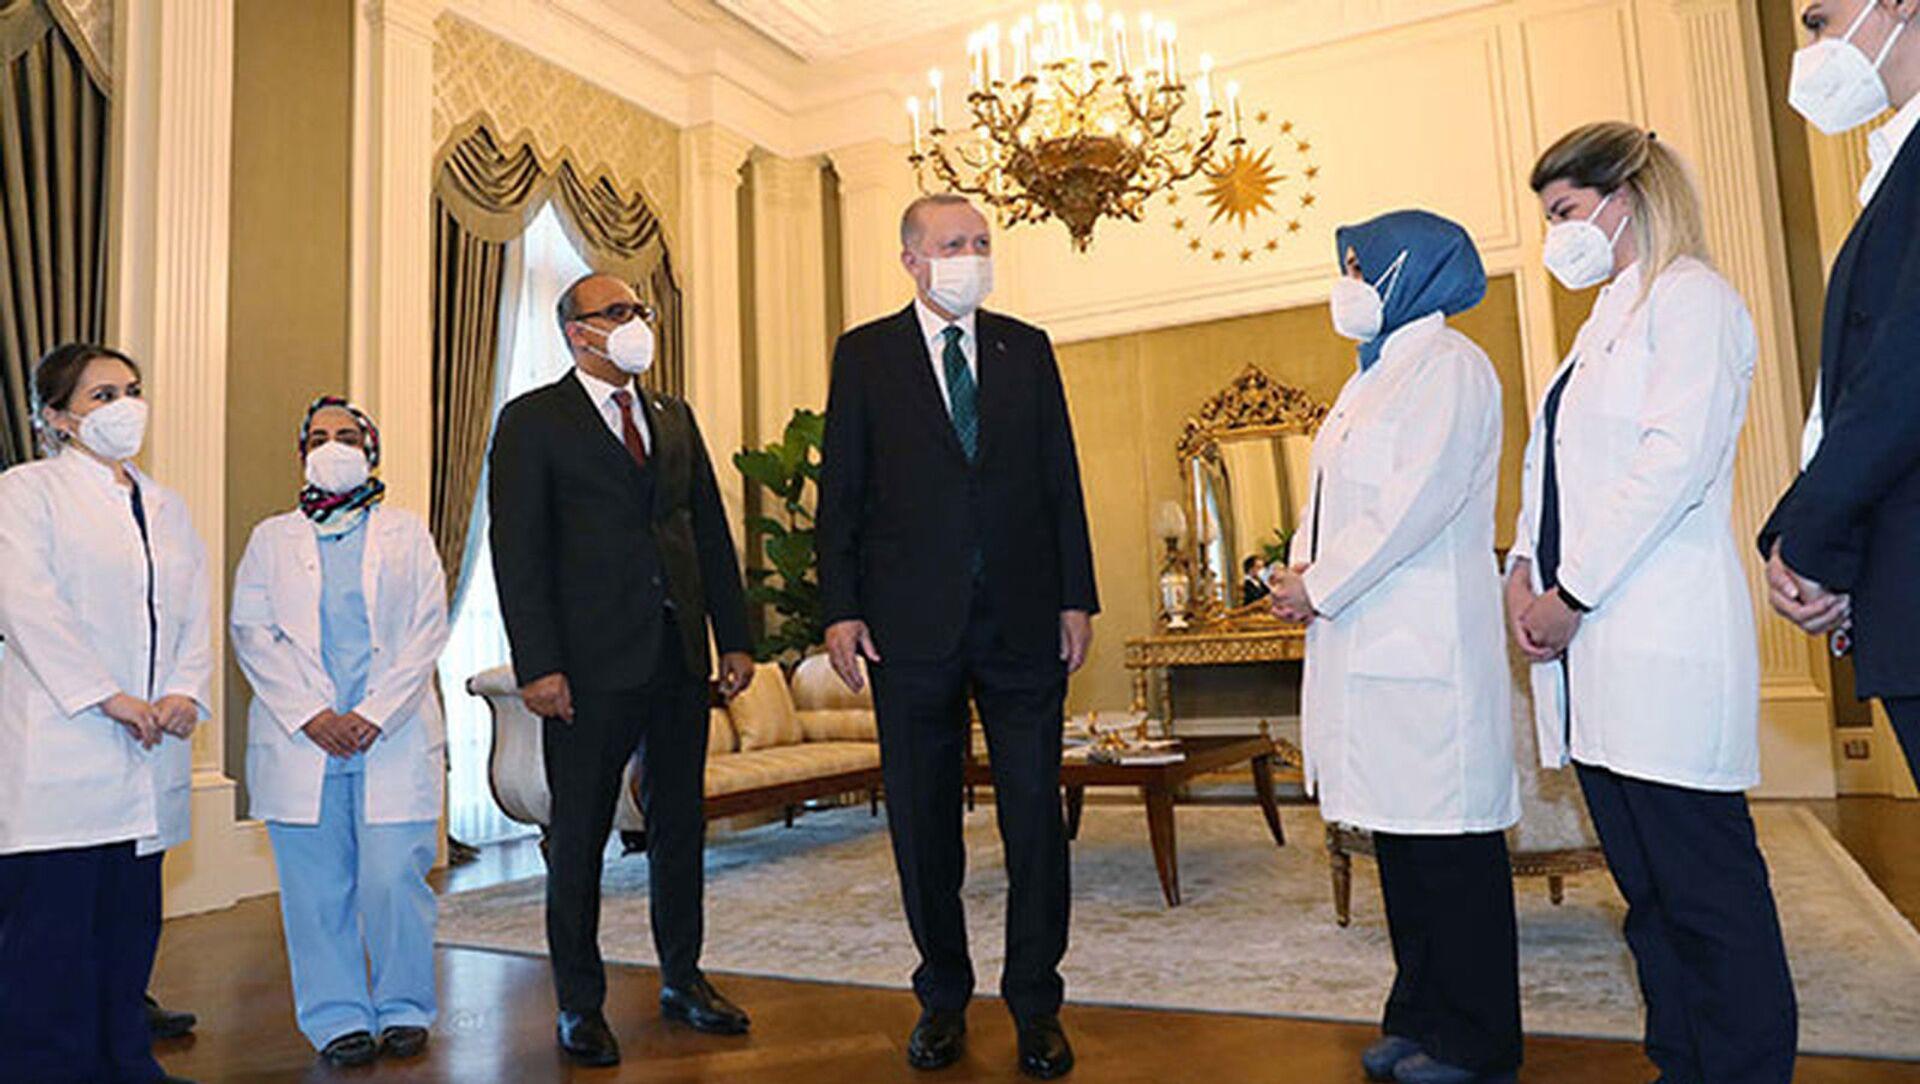 Cumhurbaşkanı Erdoğan, sağlık çalışanlarıyla bir araya geldi - Sputnik Türkiye, 1920, 07.04.2021